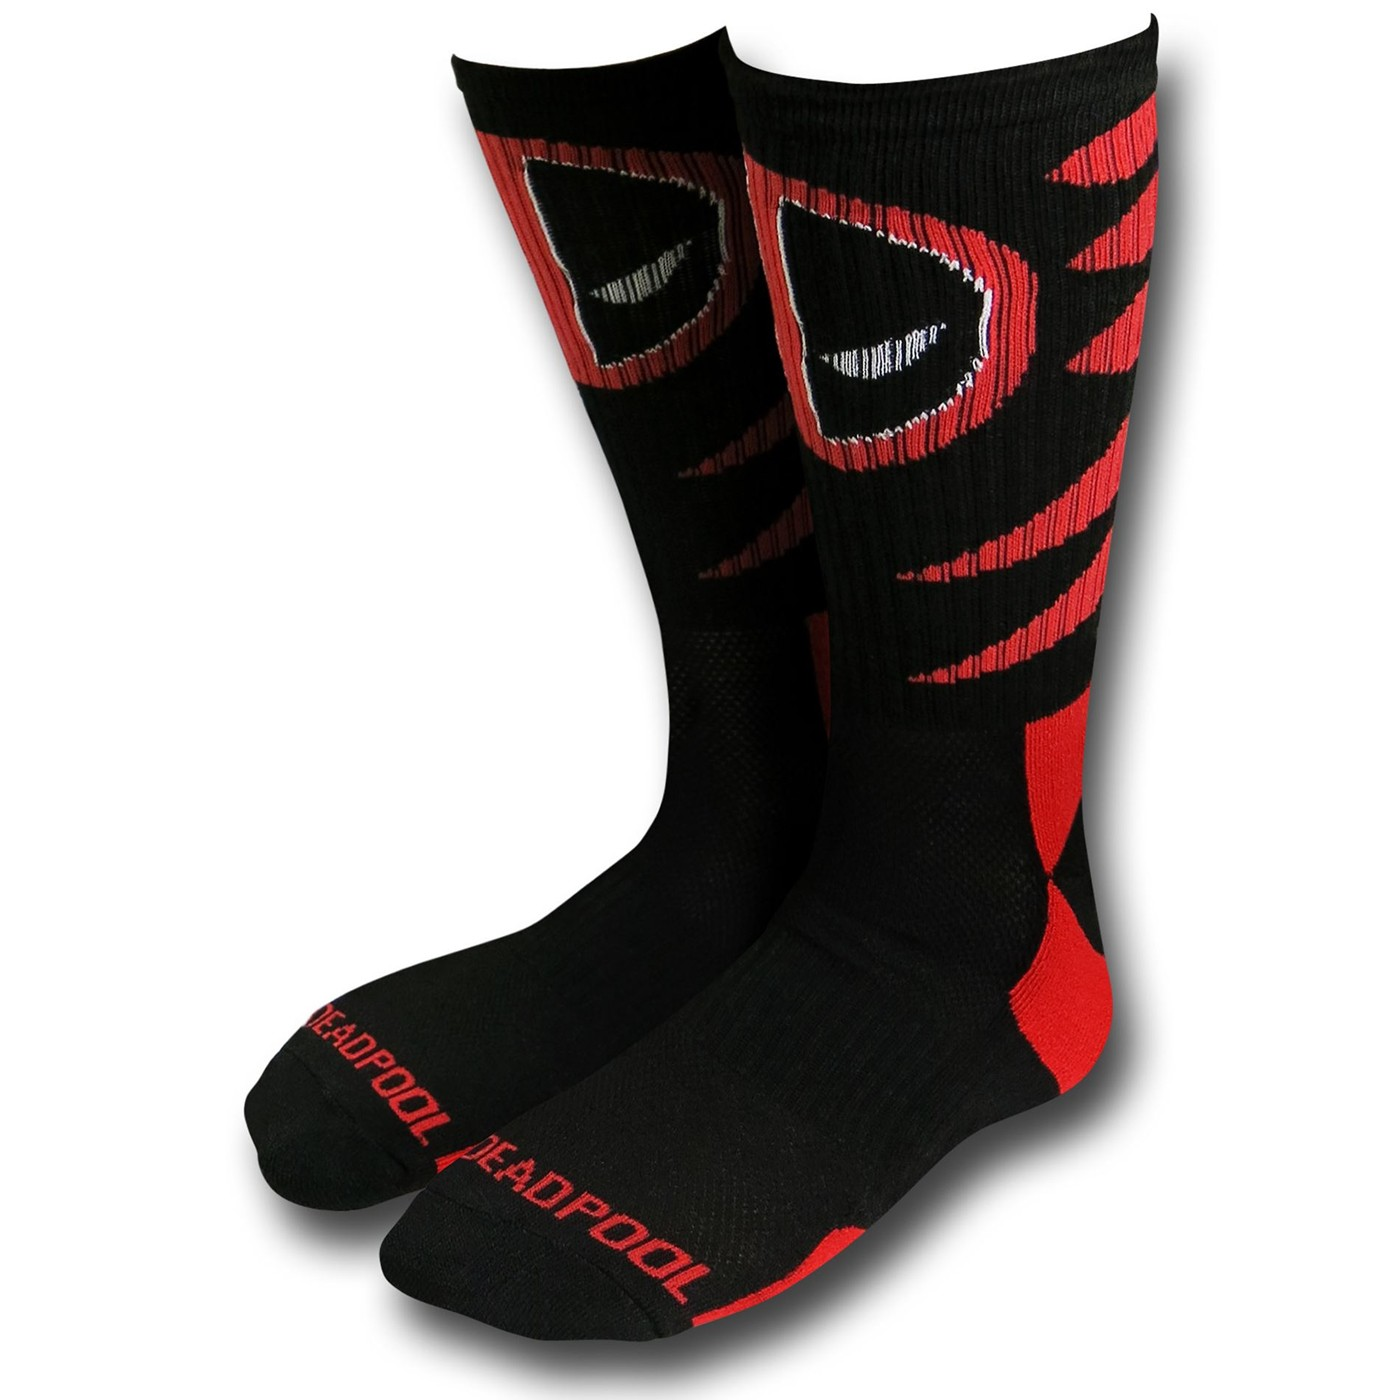 Deadpool Athletic Socks